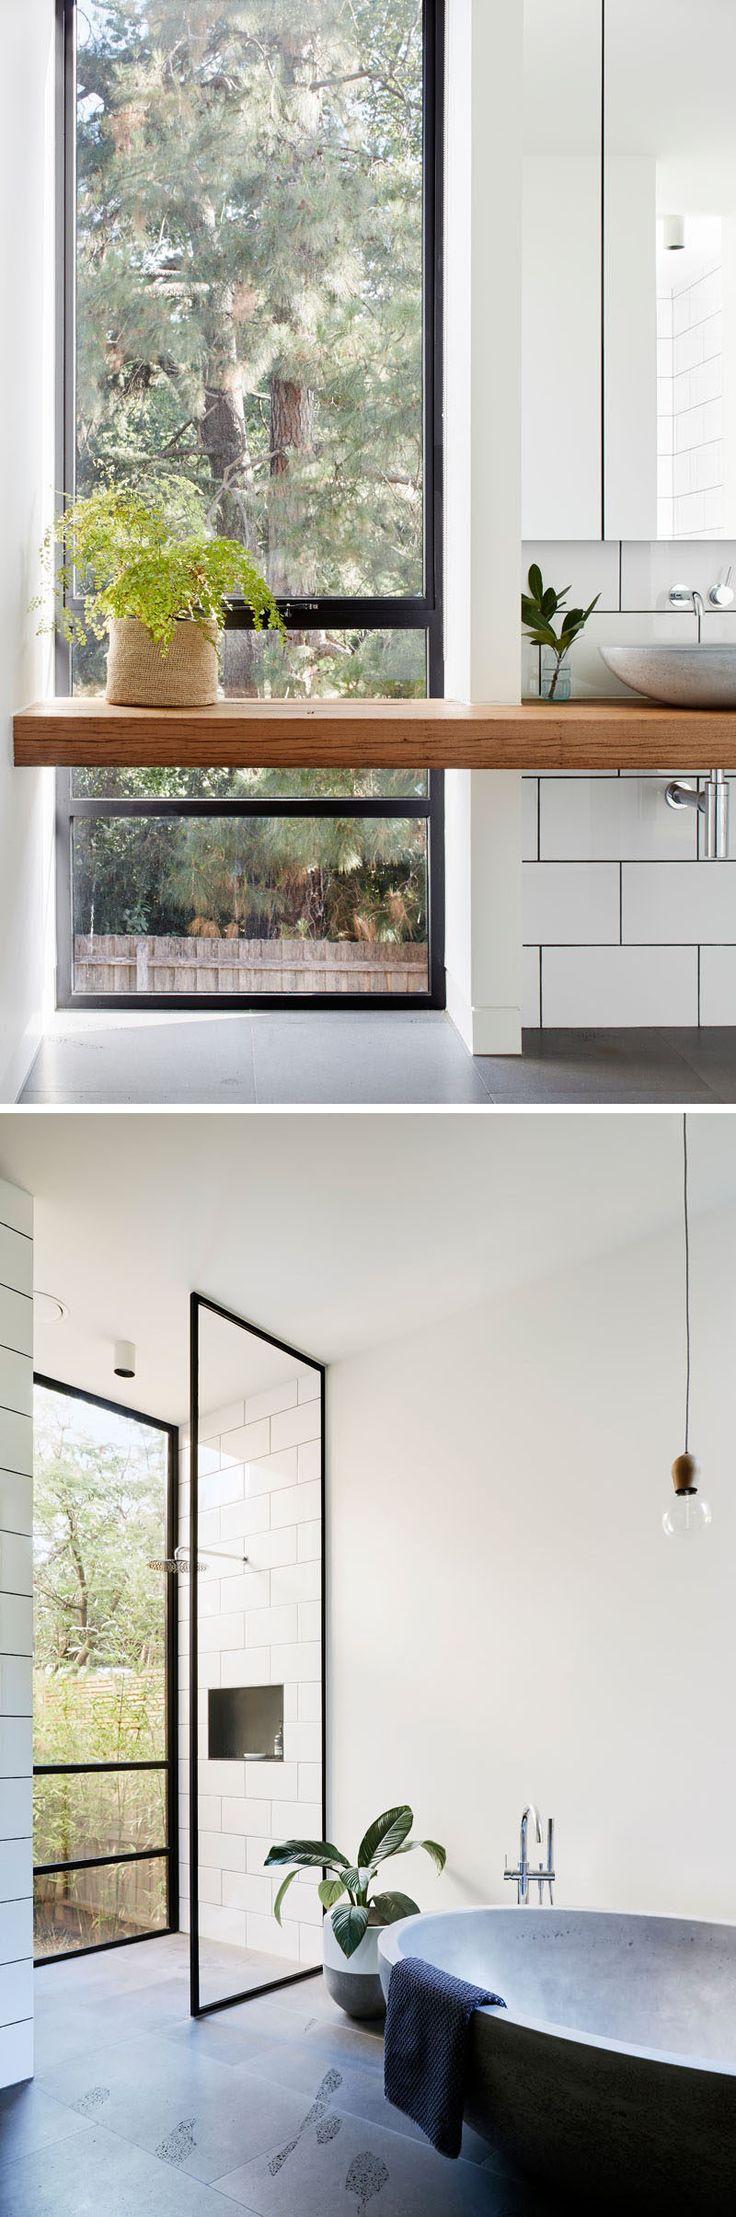 Este banheiro moderno é mantido brilhante e arejado com o uso de divisórias de vidro e paredes e azulejos brancos.  Acentos negros são utilizados em toda a forma de marcos de janelas e argamassa de telha.